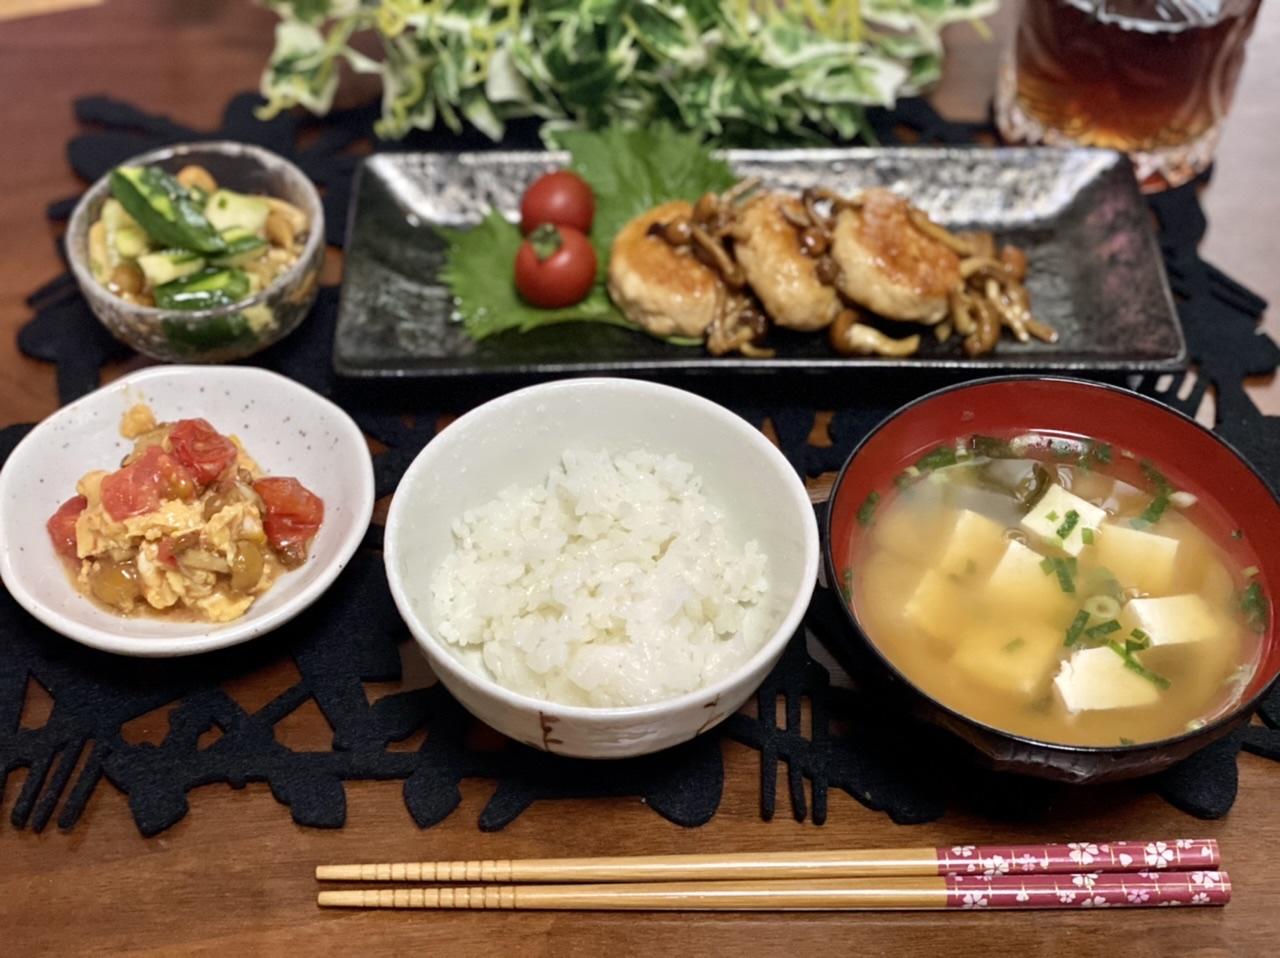 【今月のお家ごはん】アラサー女子の食卓!作り置きおかずでラク晩ご飯♡-Vol.26-_9